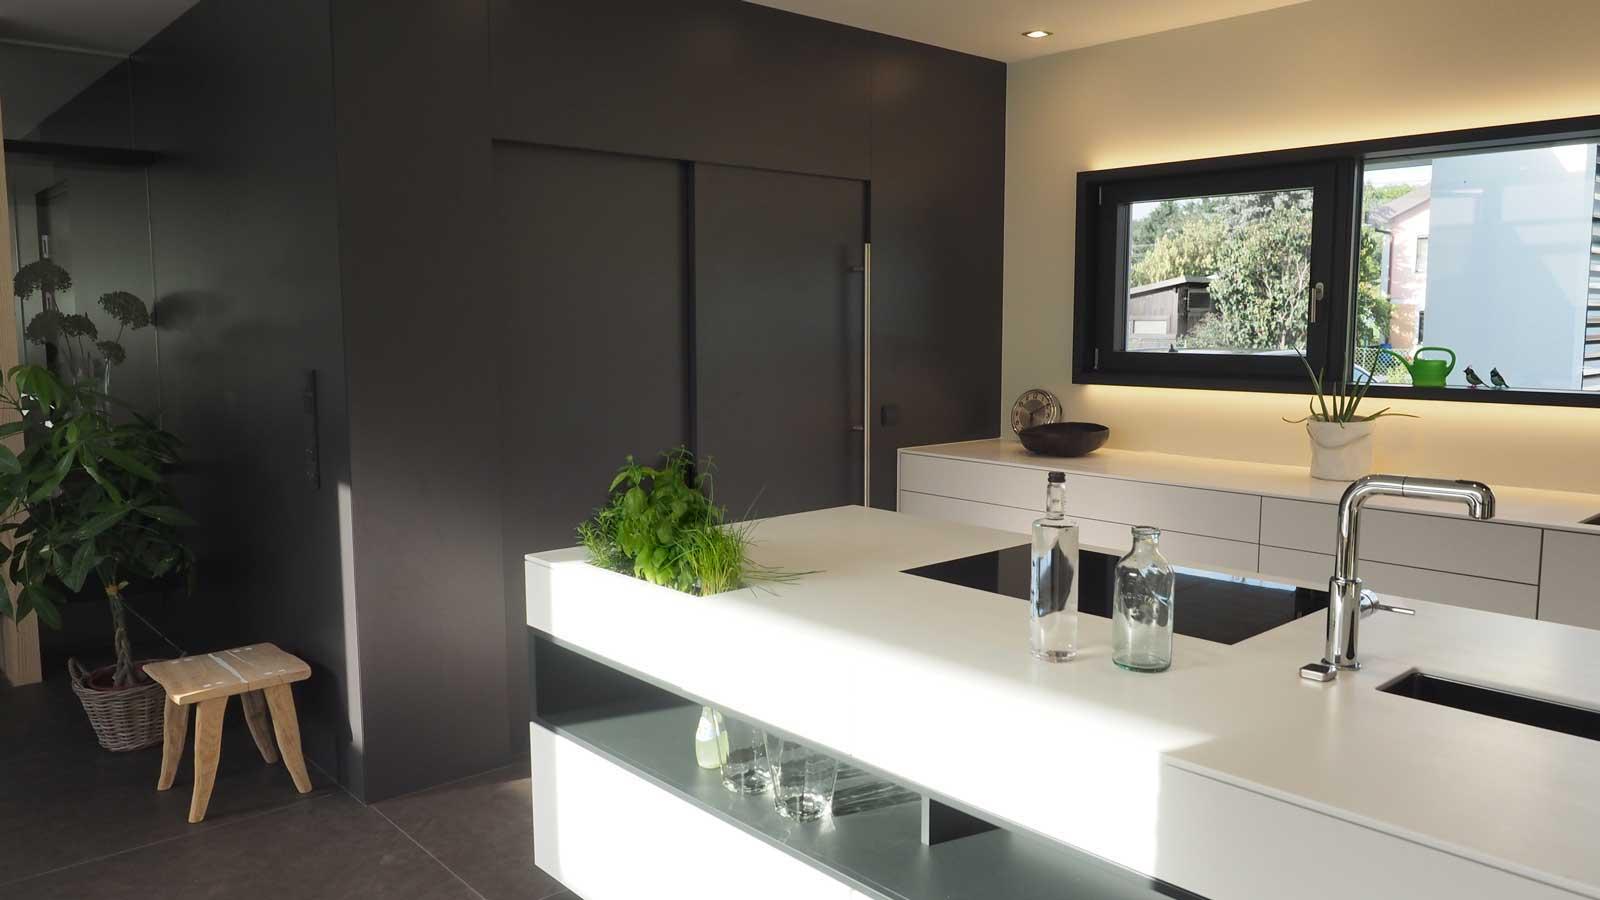 tischlerei ecker einrichtung nach ma tischlerei ecker wien raiding. Black Bedroom Furniture Sets. Home Design Ideas